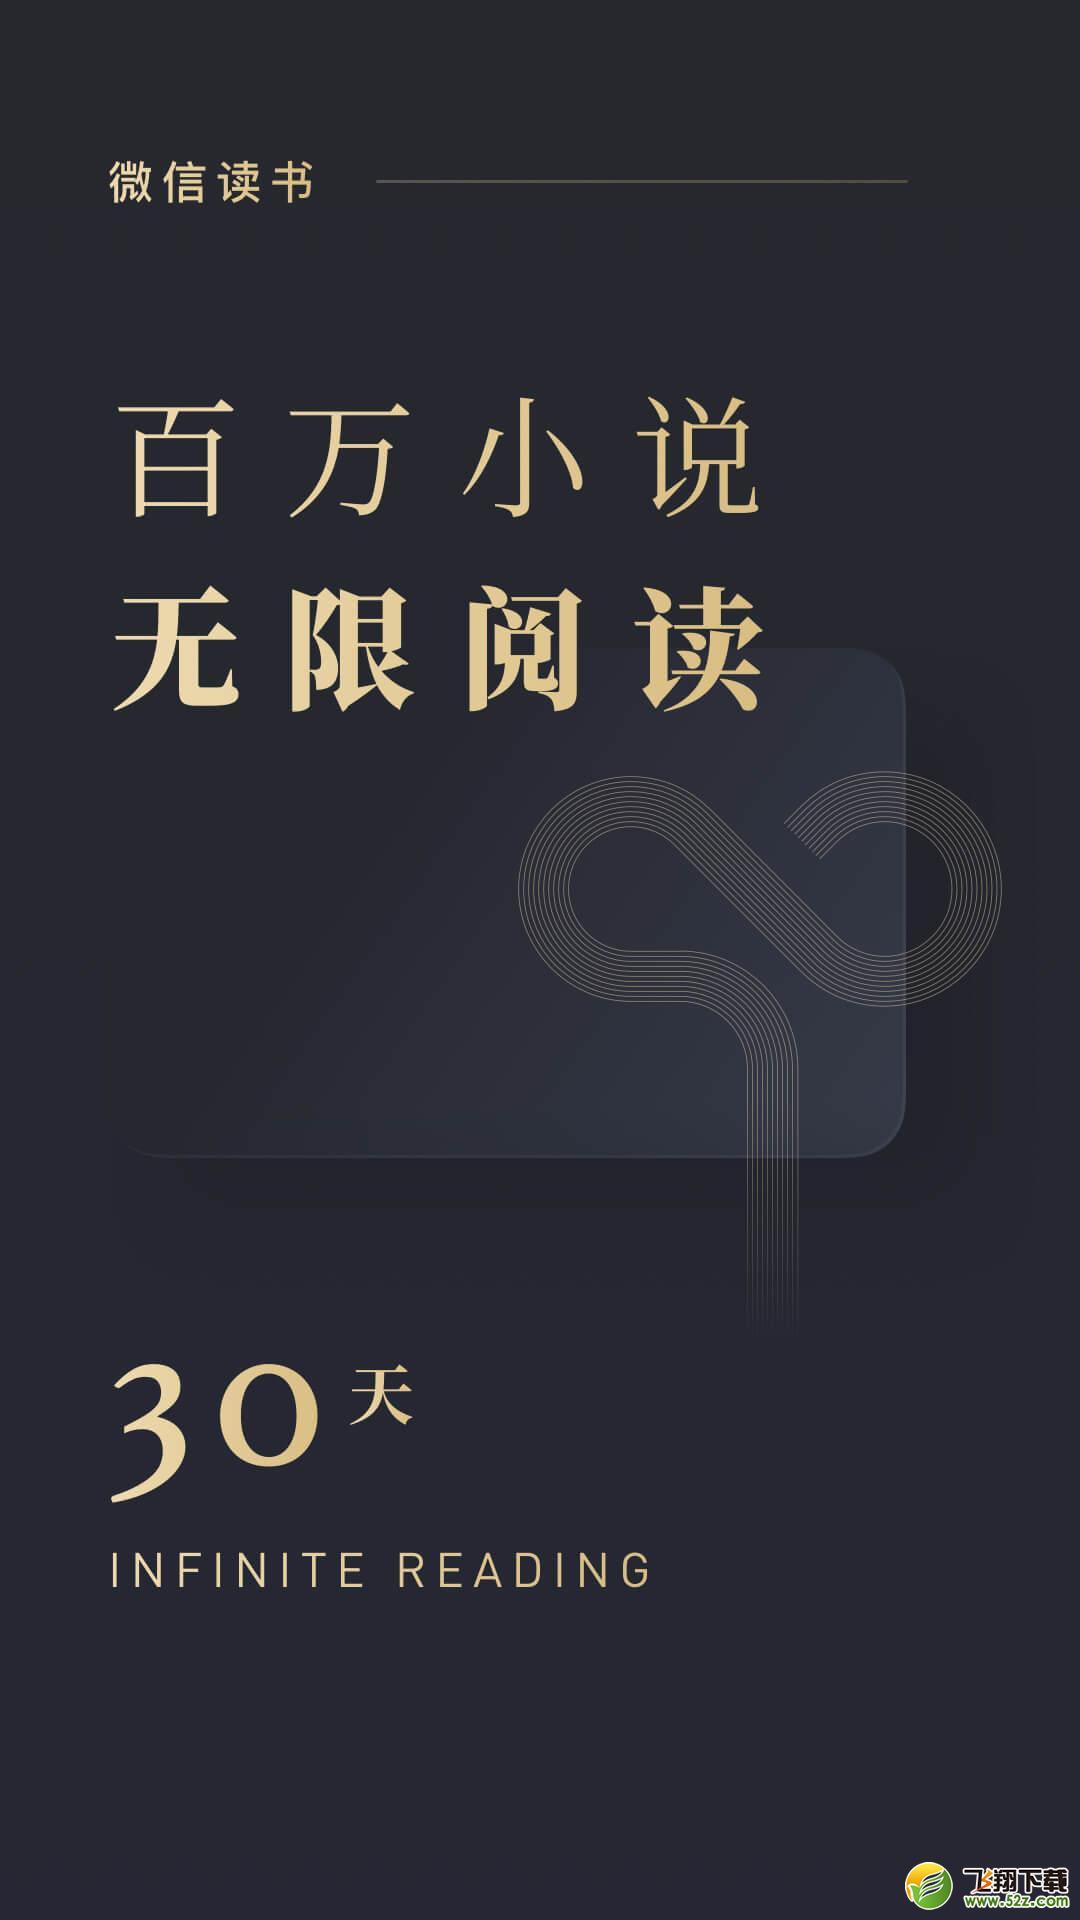 微信读书_52z.com